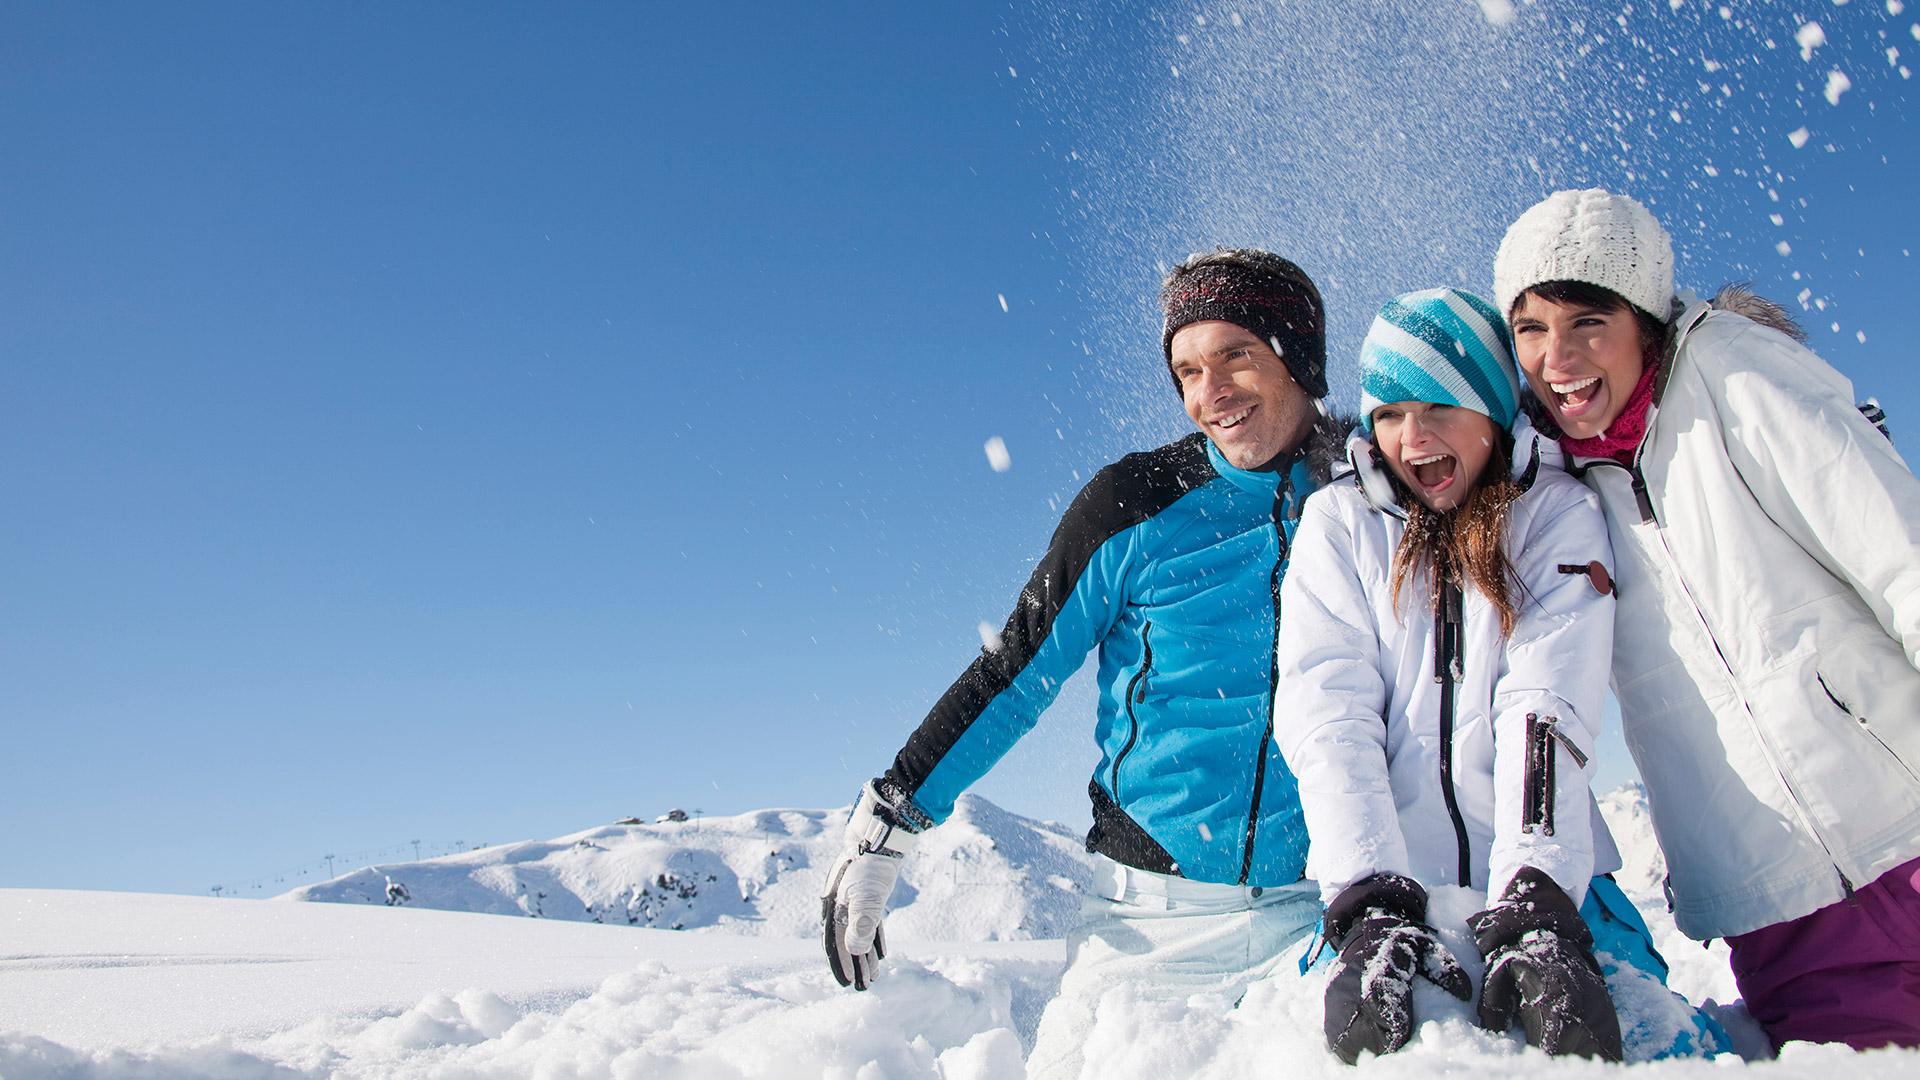 Offre de séjour aux sports d'hiver - CGH Résidences